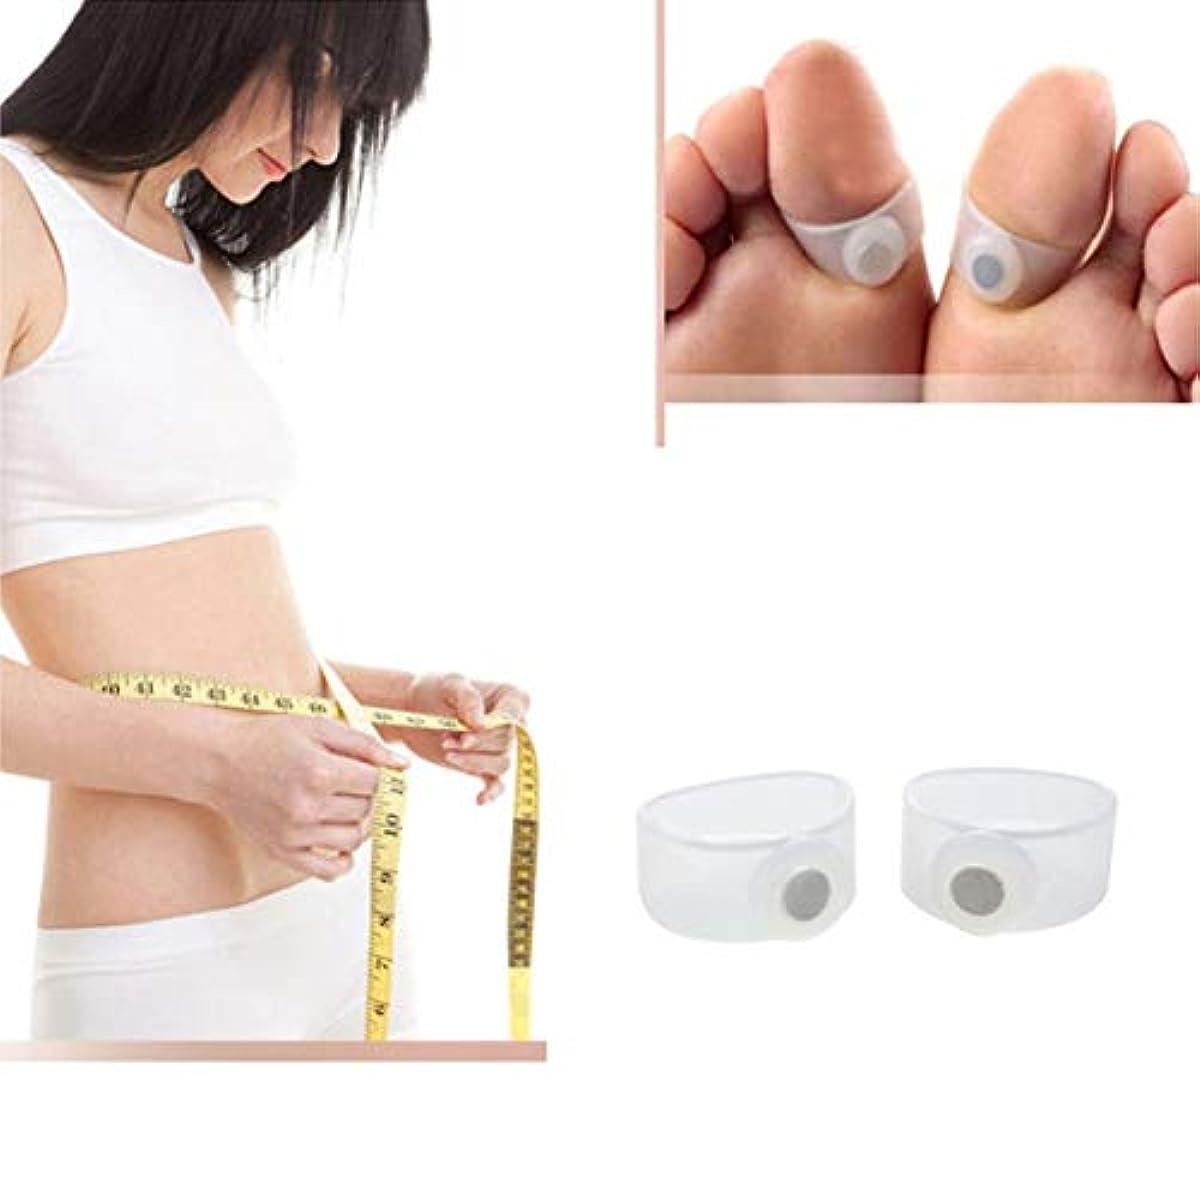 マトロン海外弁護士2PCS Slimming Silicon Magnetic Foot Massager Massge Relax Toe Ring for Weight Loss Health Care Tools Beauty Products